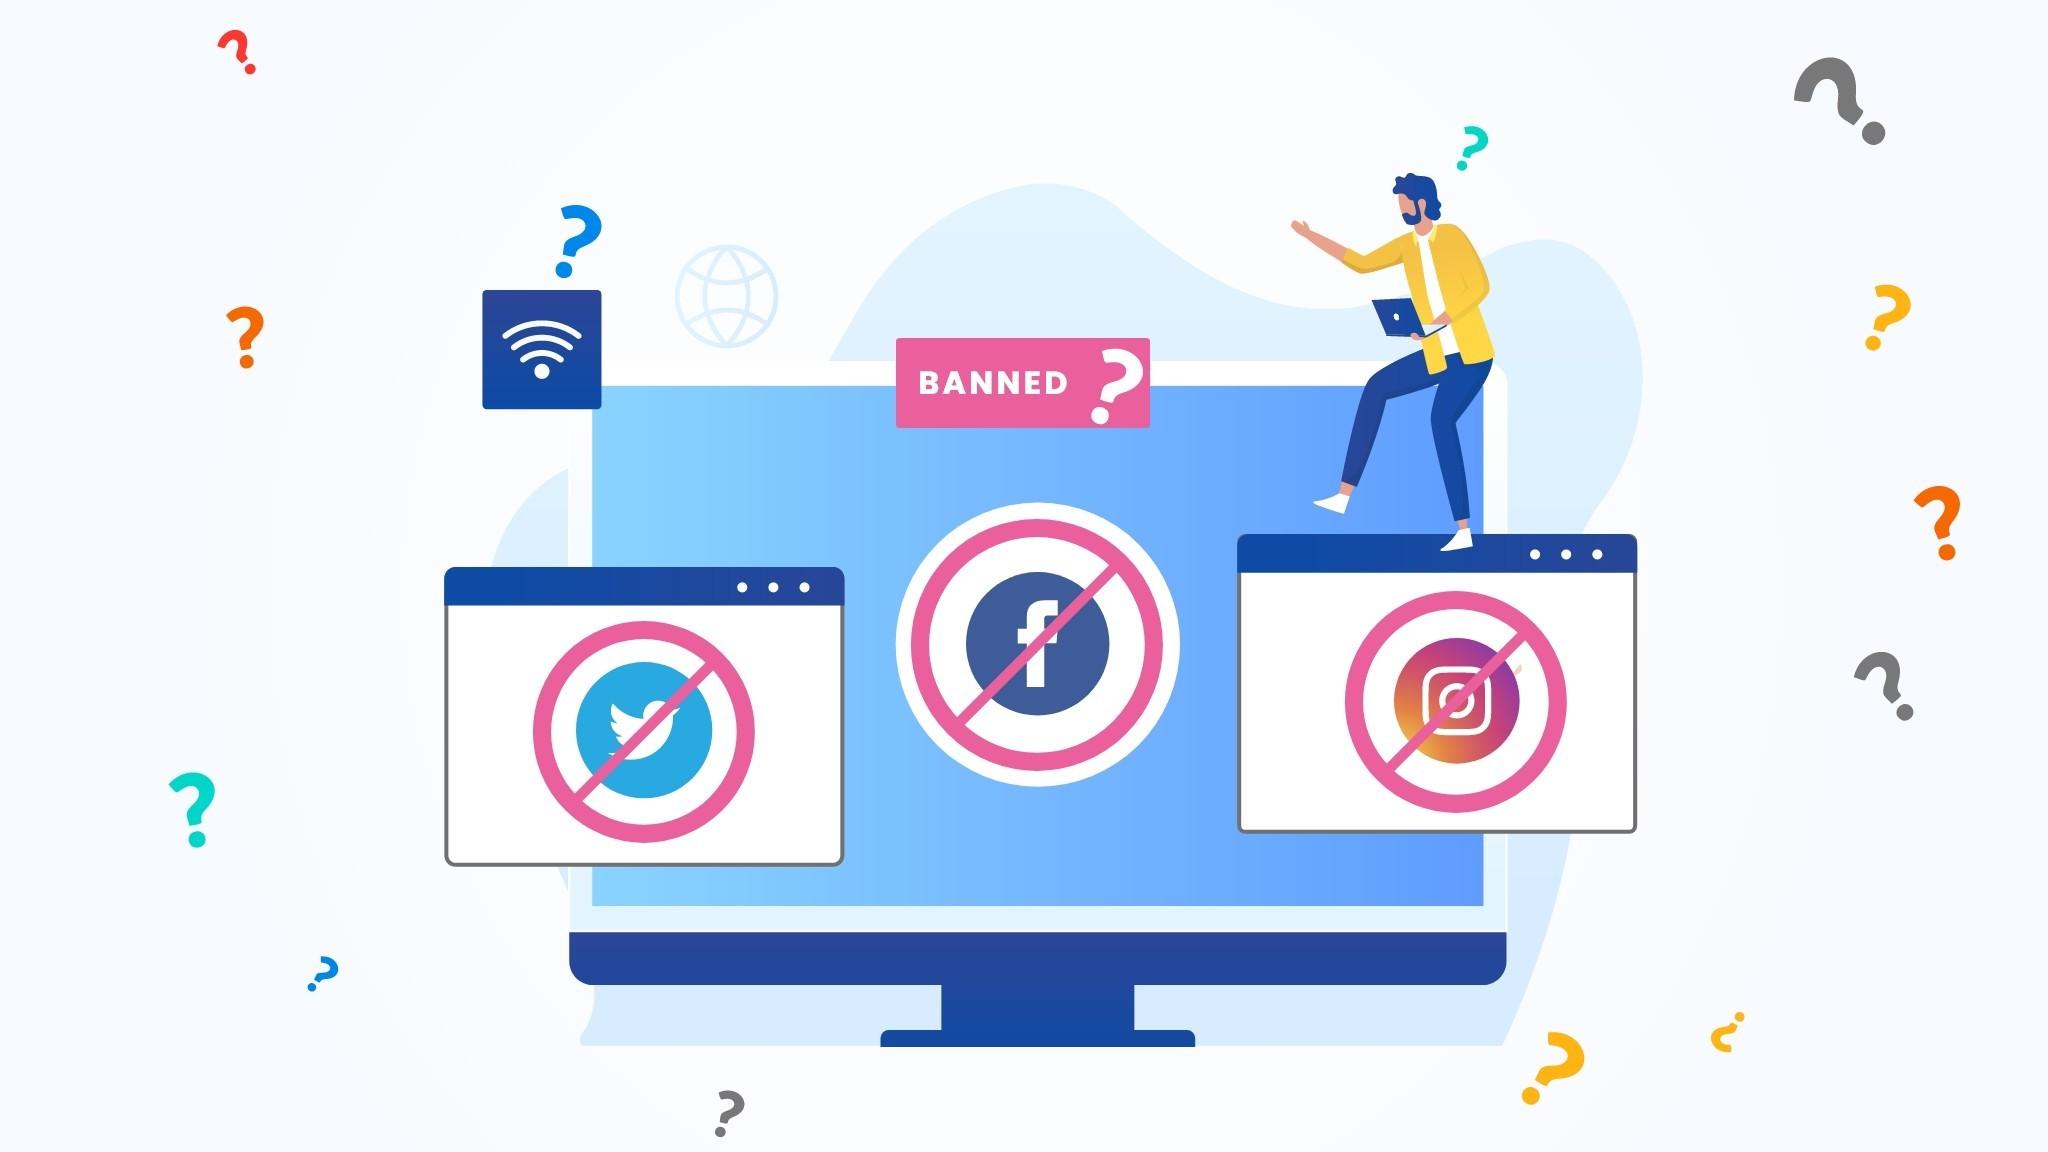 Social Media Apps Ban